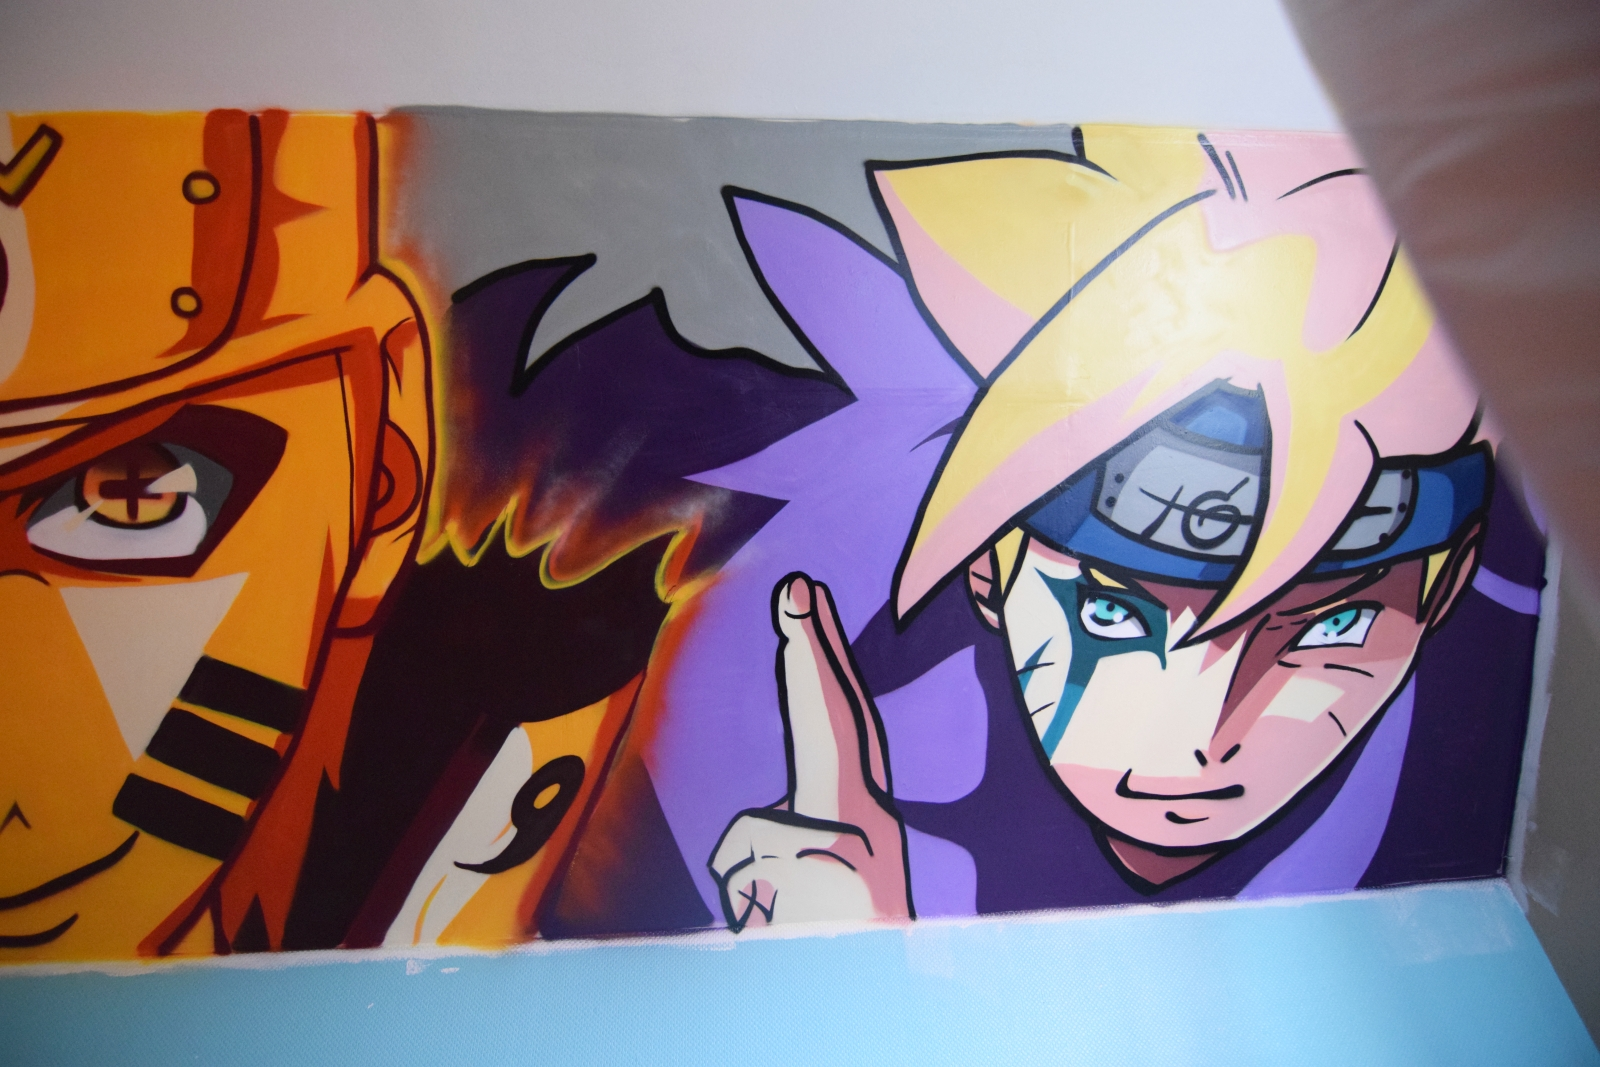 Décoration manga à Courcelles les Lens - Association Red Bricks